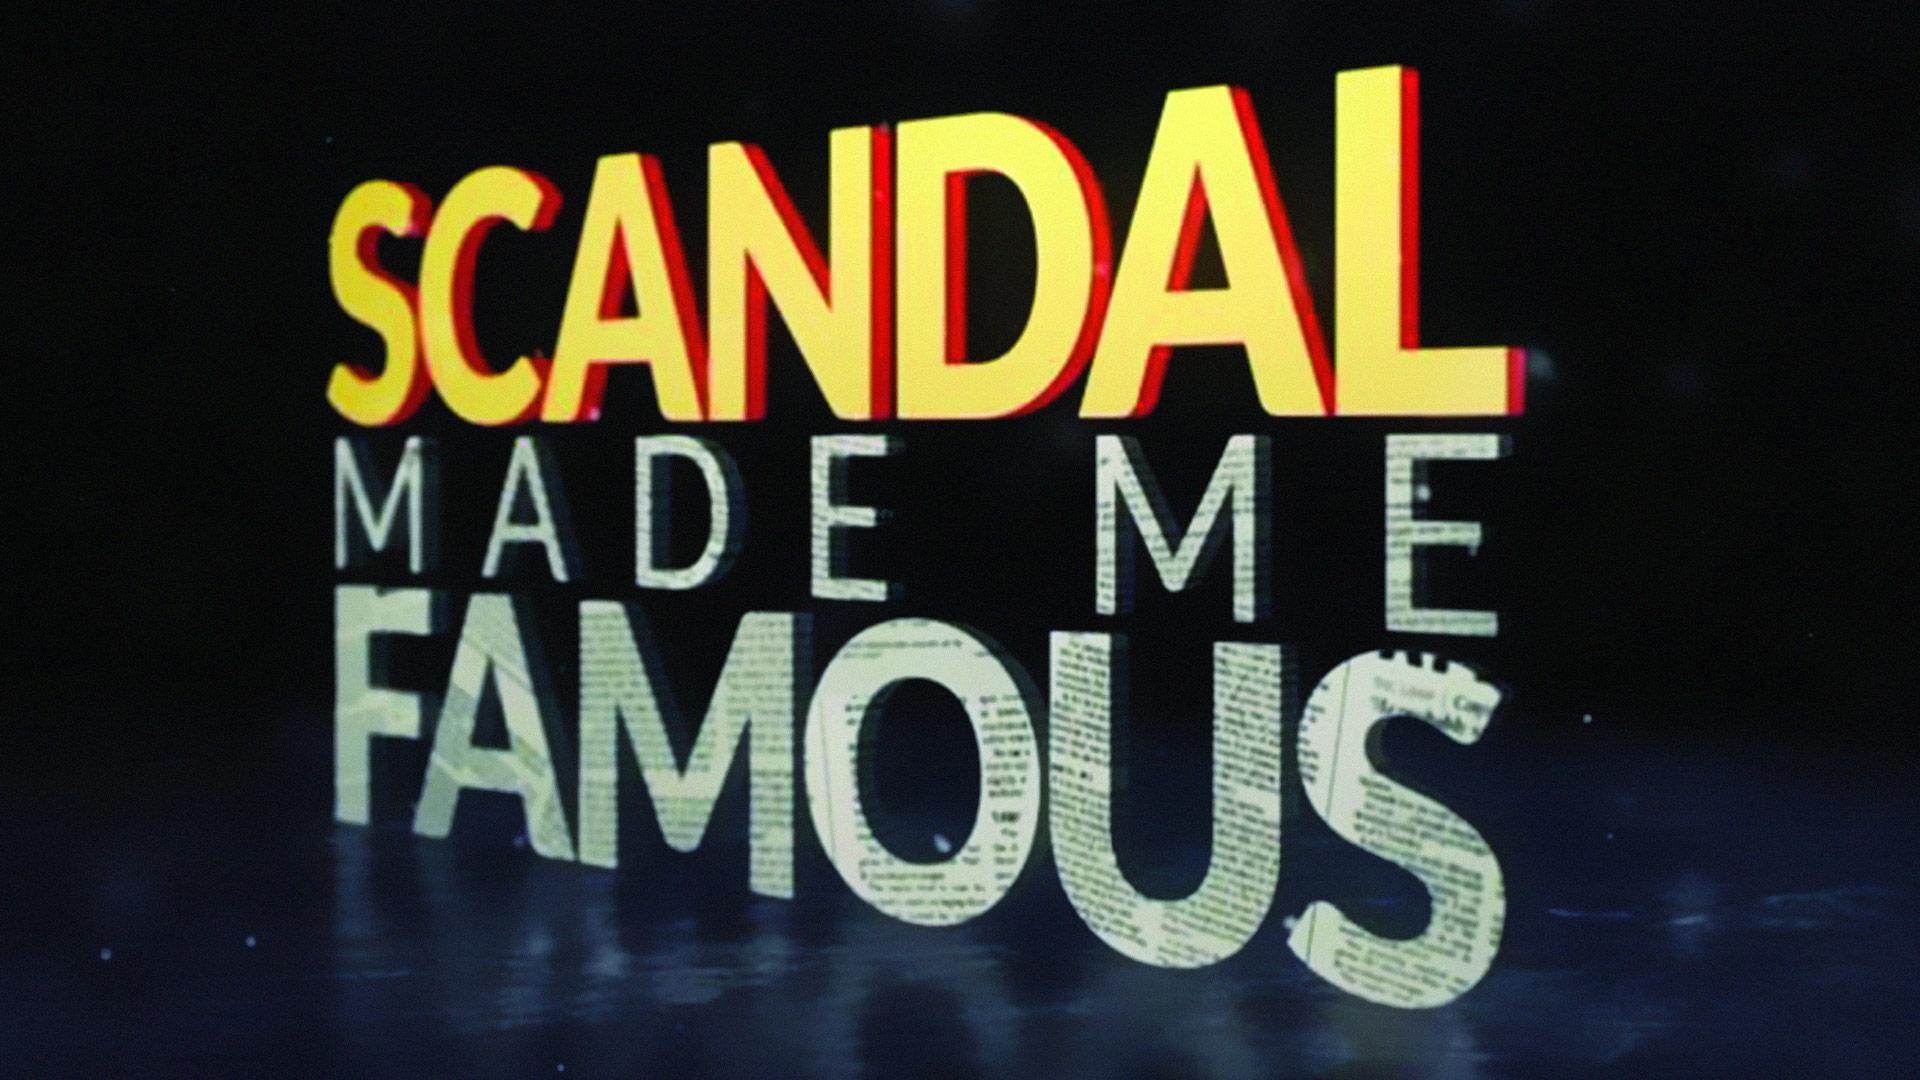 Scandal Made Fame